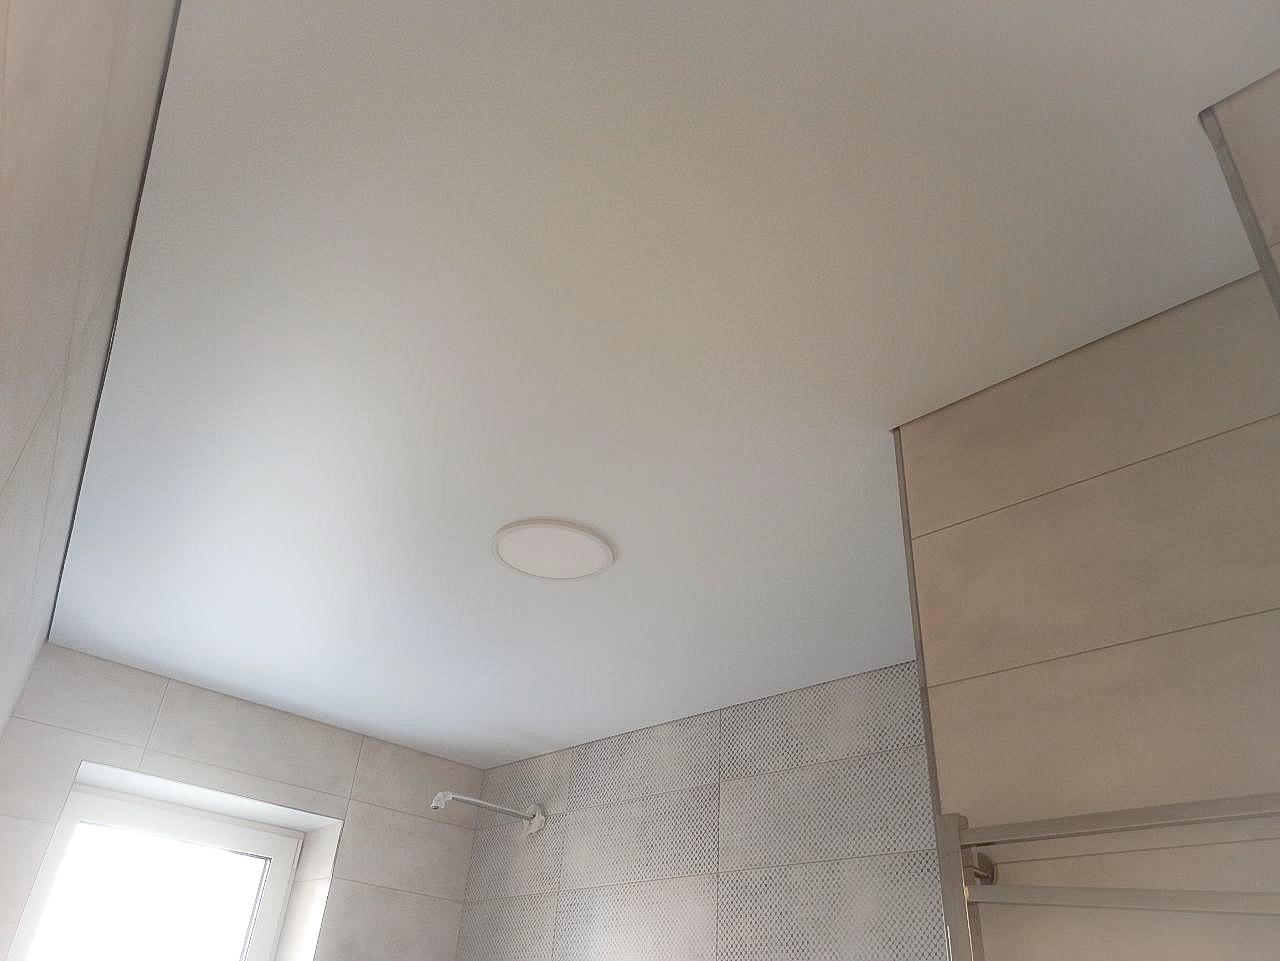 Матовый натяжной потолок с теневым профилем.